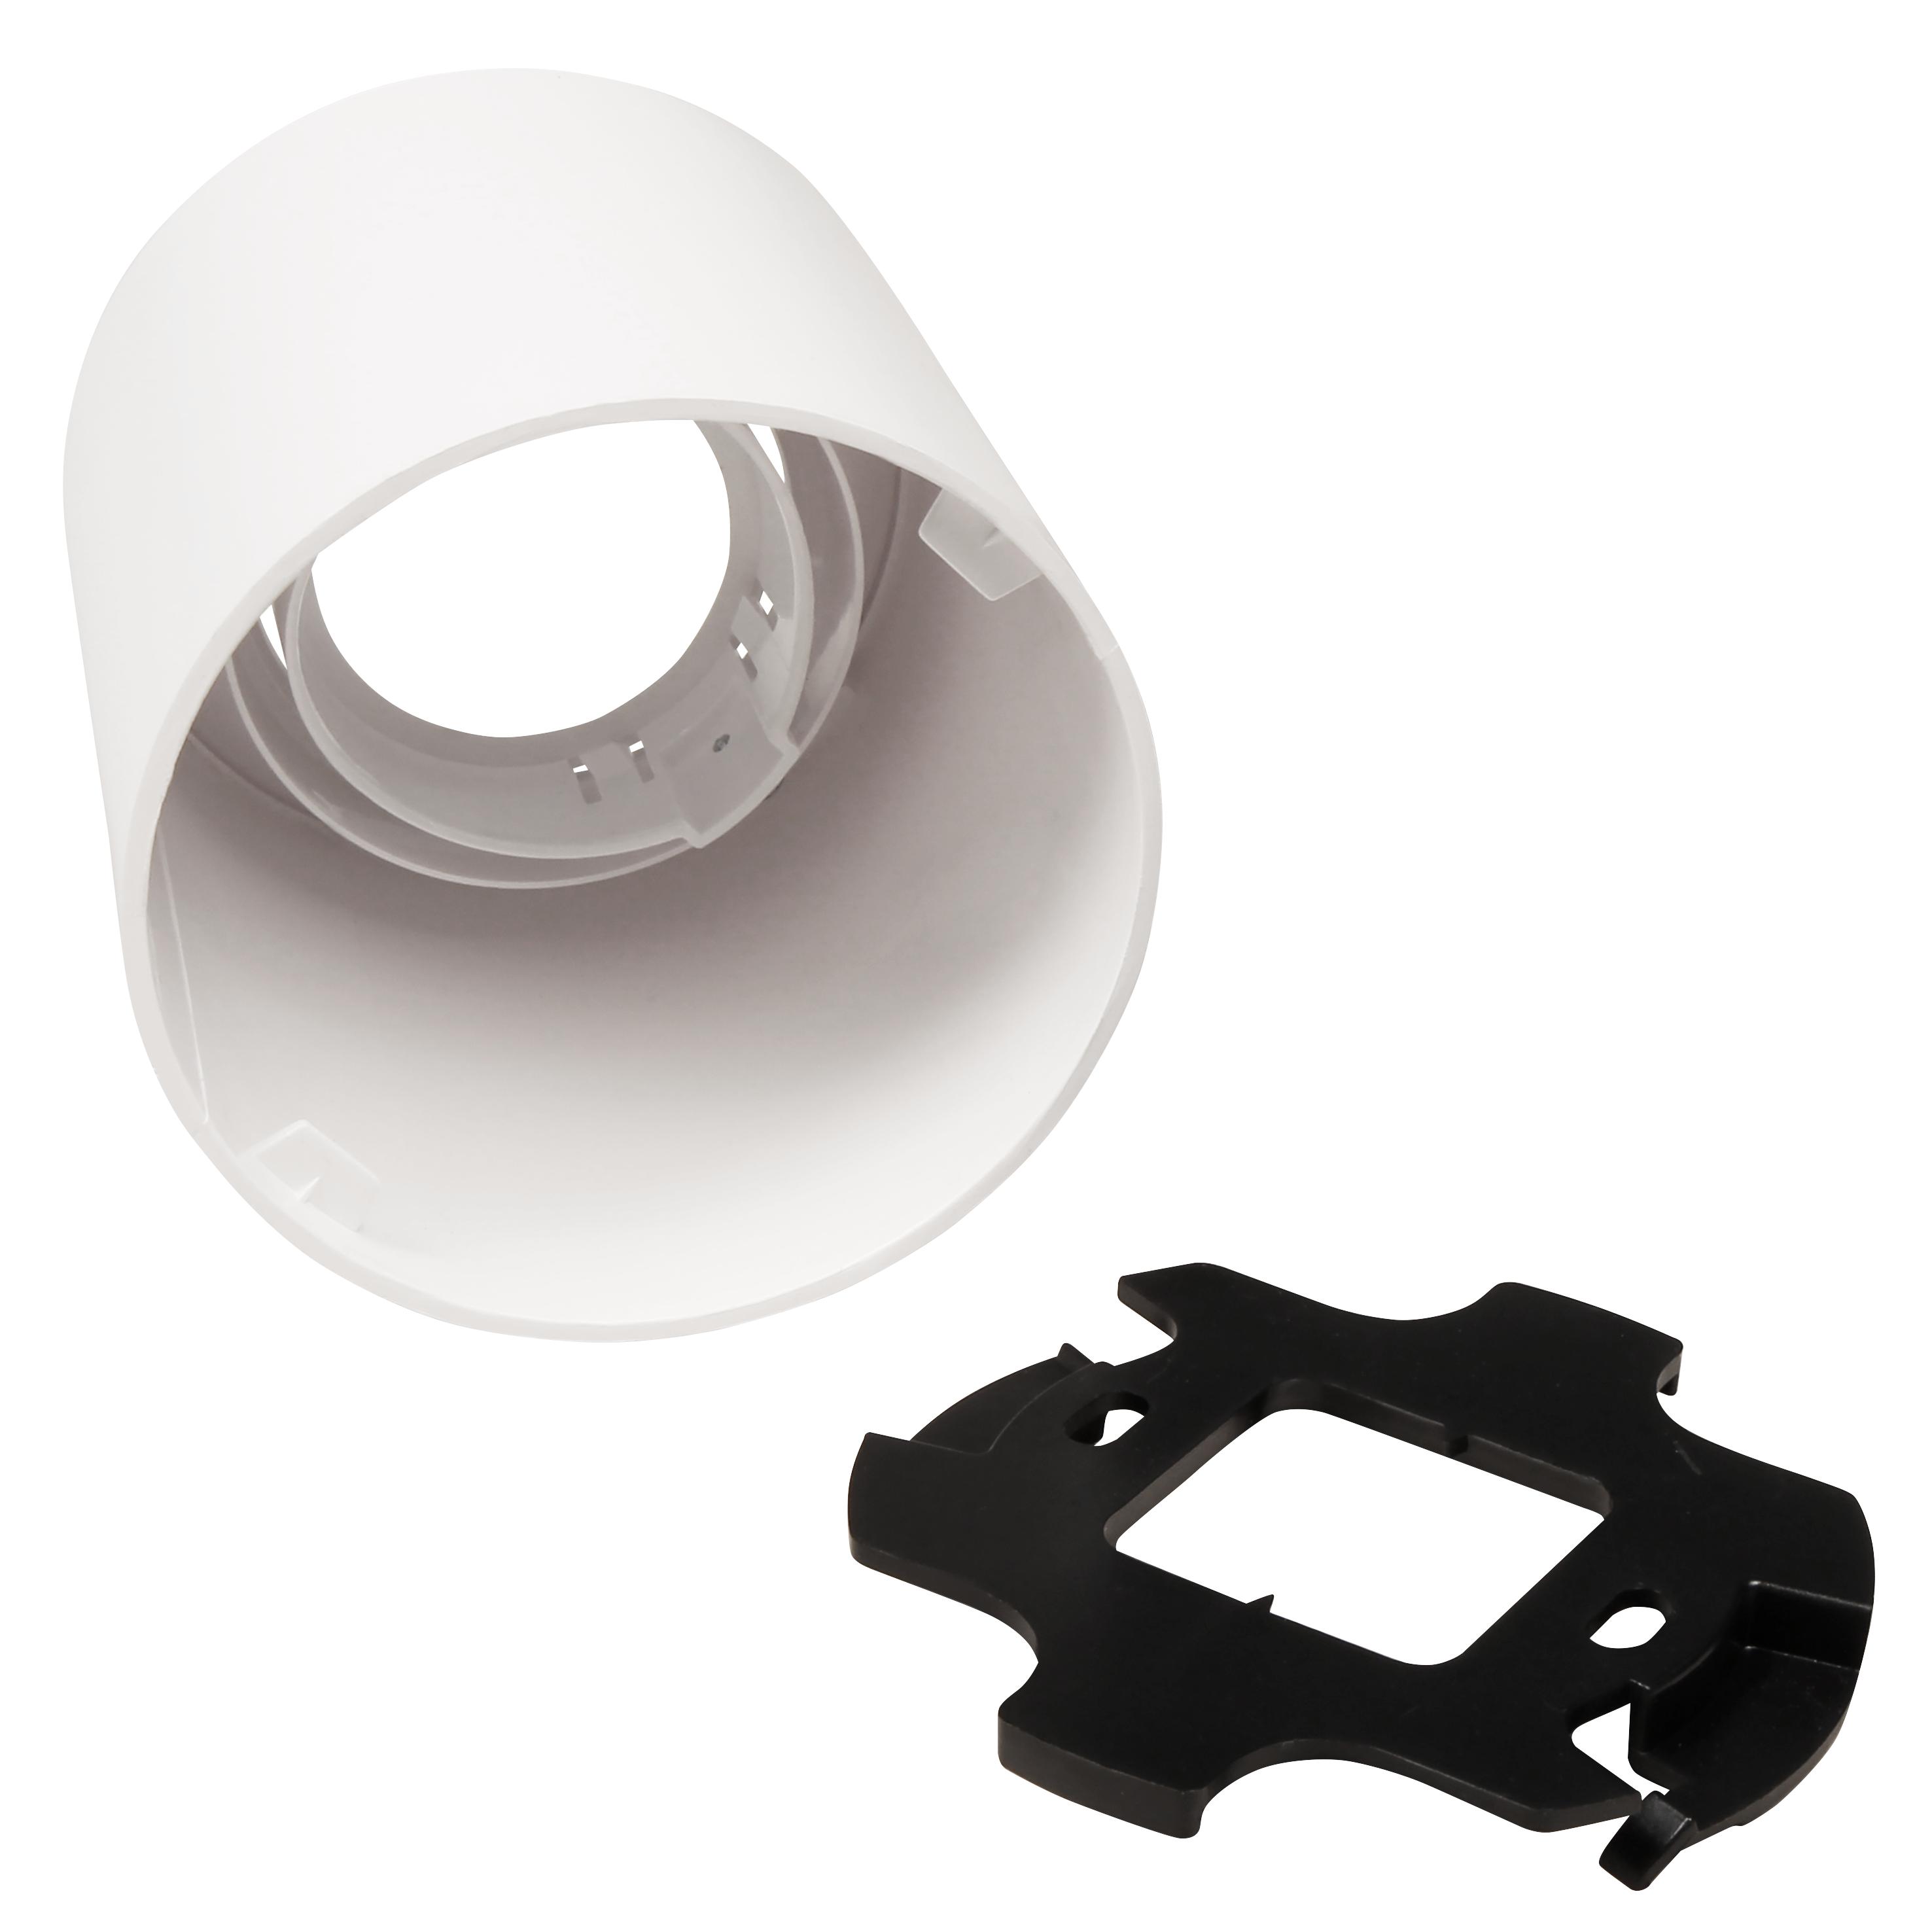 Aufbaurahmen McShine ''DL-950'' rund, Ø93x100mm, schwenkbar, weiß